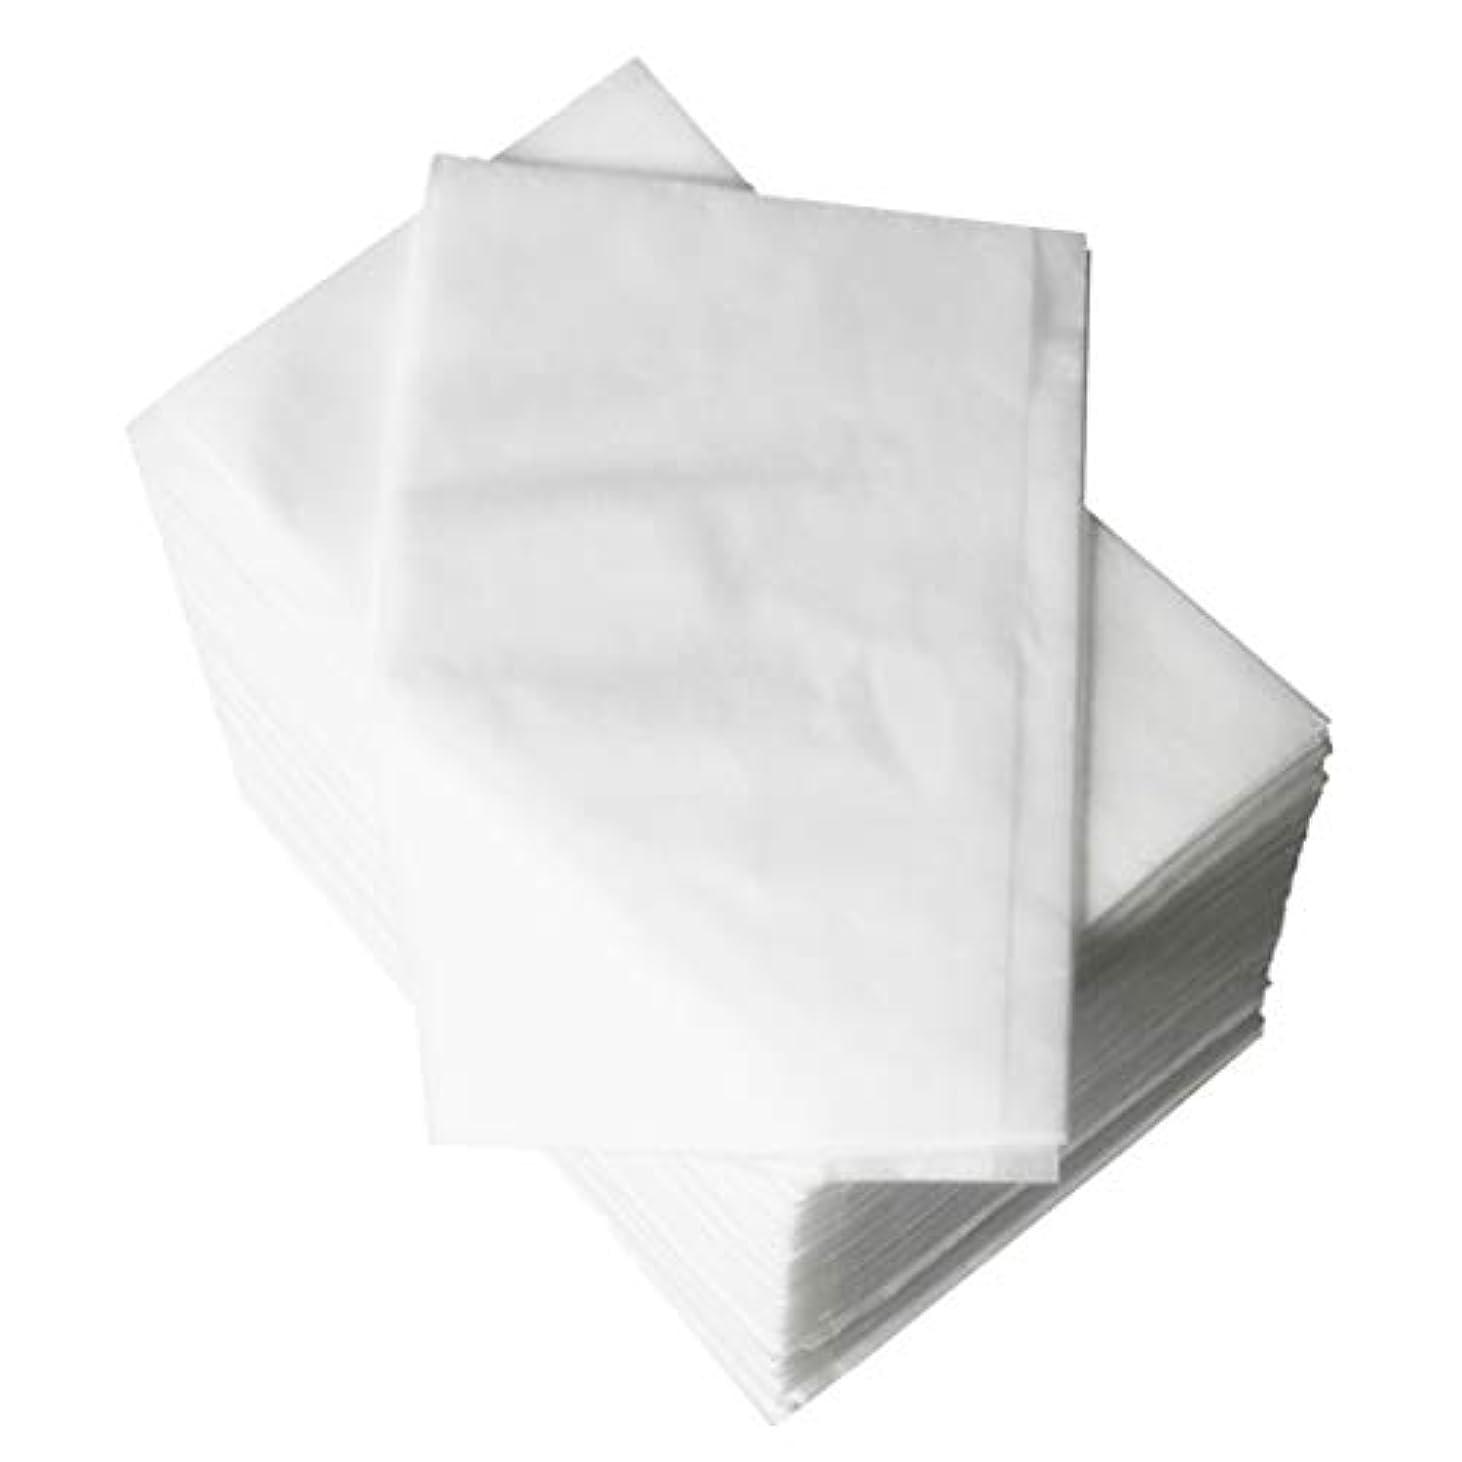 許される魅惑的な廃棄P Prettyia 使い捨てベッドシーツ 美容シーツ 約80 x 180 cm 約100個 全2色 - 白